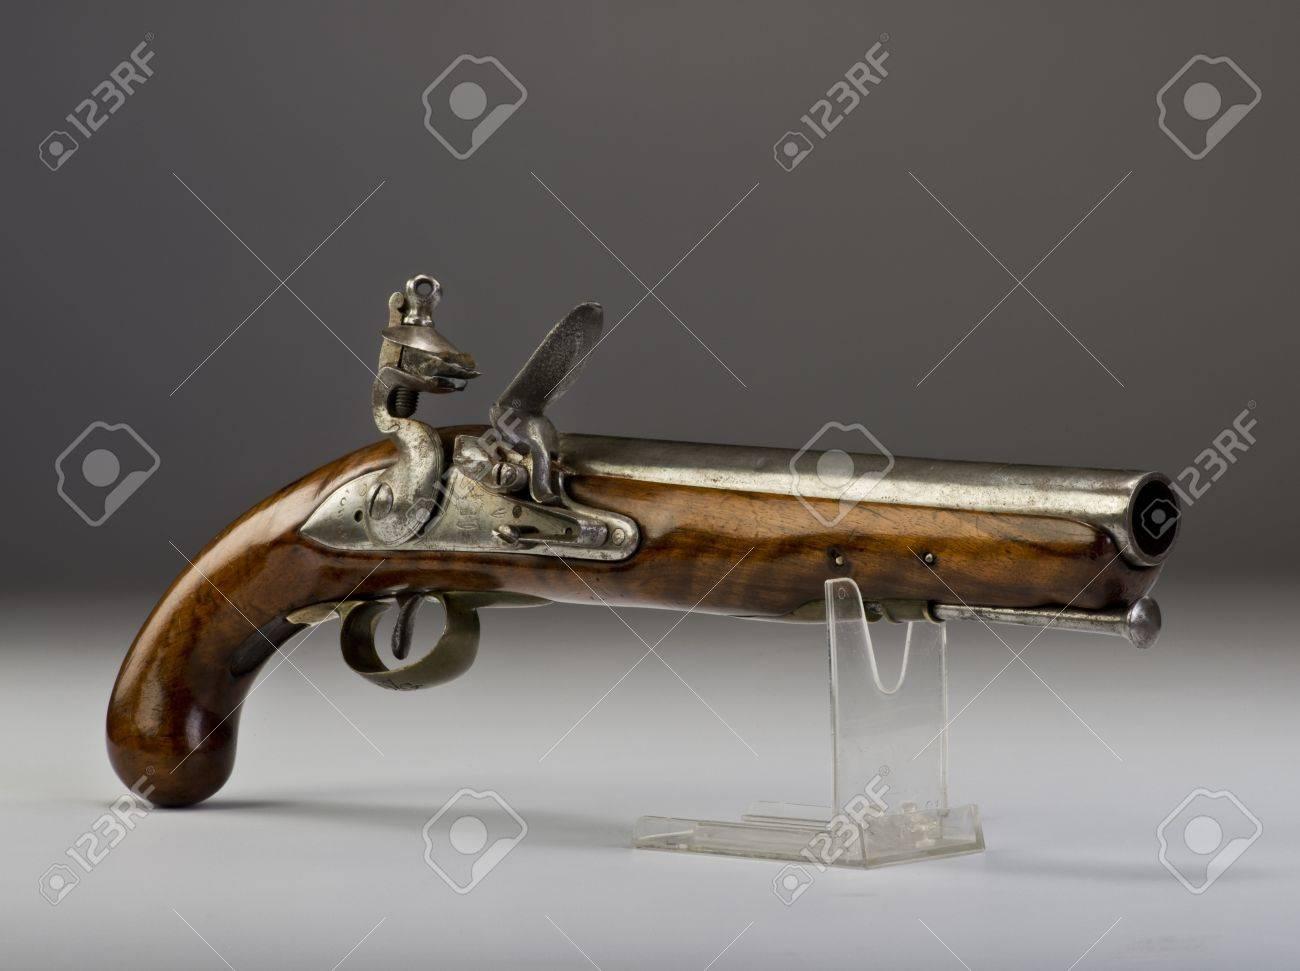 18th century English Tower flintlock pistol Stock Photo - 19454969